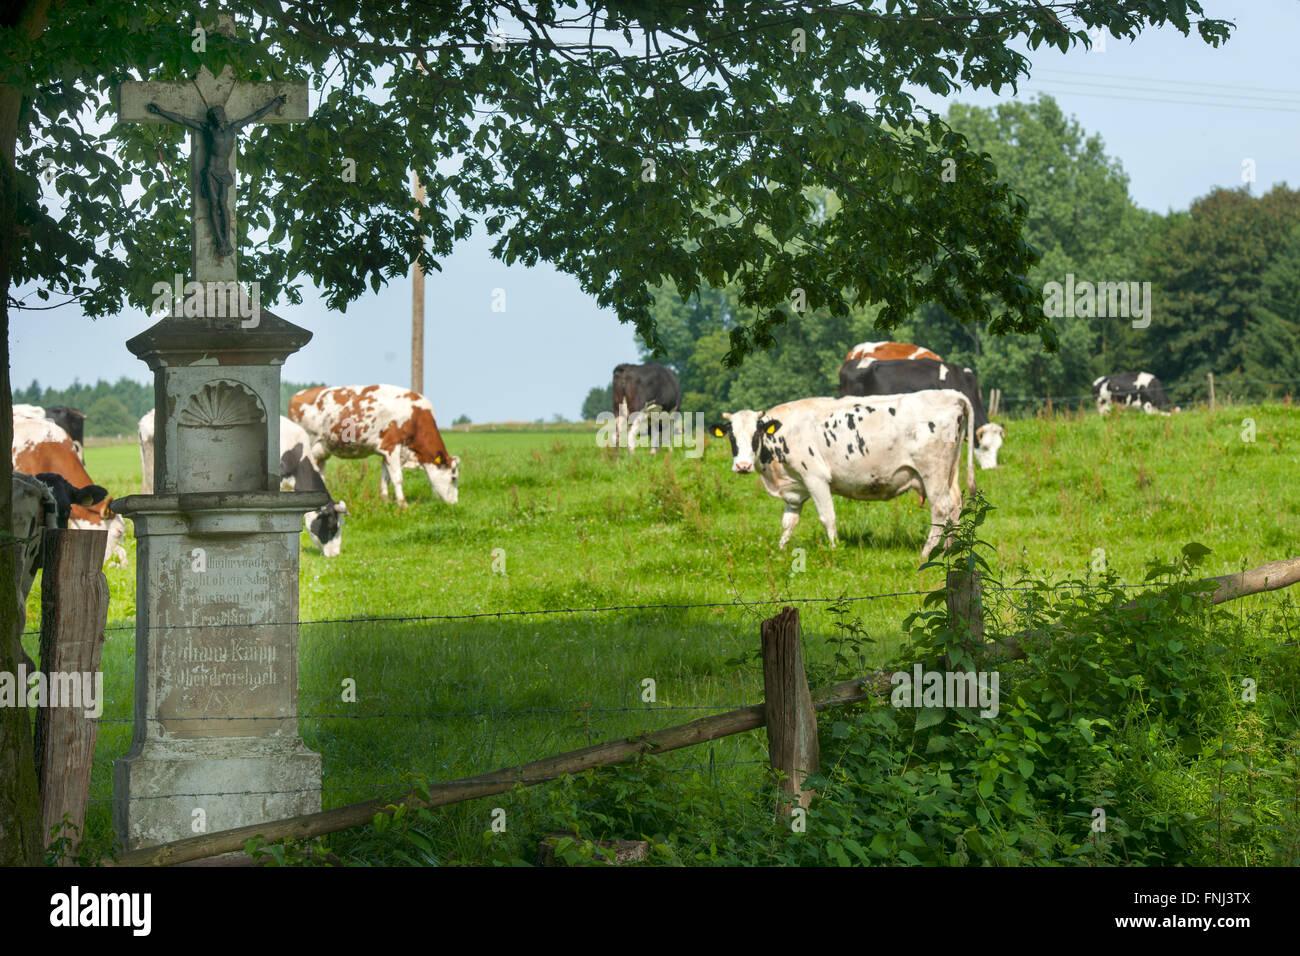 Deutschland, Nordrhein-Westfalen, Rhein-Sieg-Kreis, viel-Oberdreisbach, Kühe Auf Weide am Ortsrand Stockbild